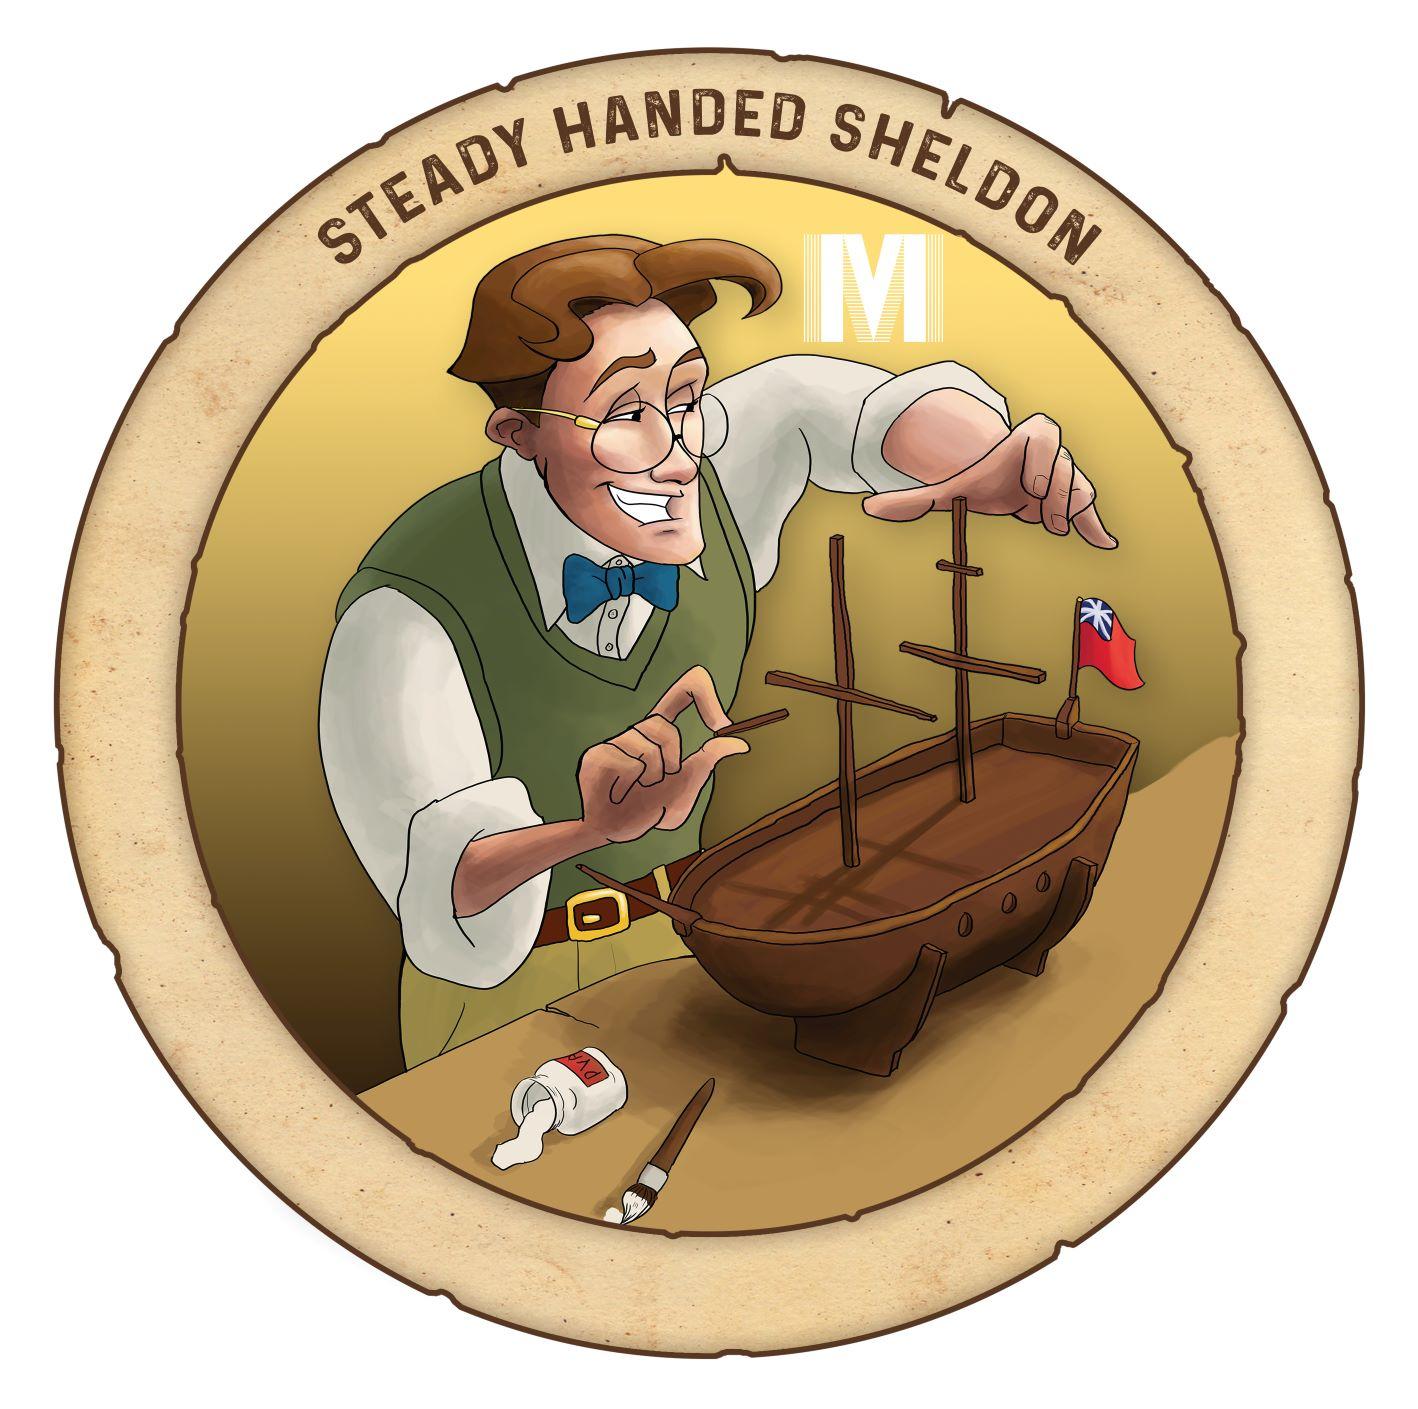 https://rfacdn.nz/maritime/assets/media/sheldon-sticker.jpg